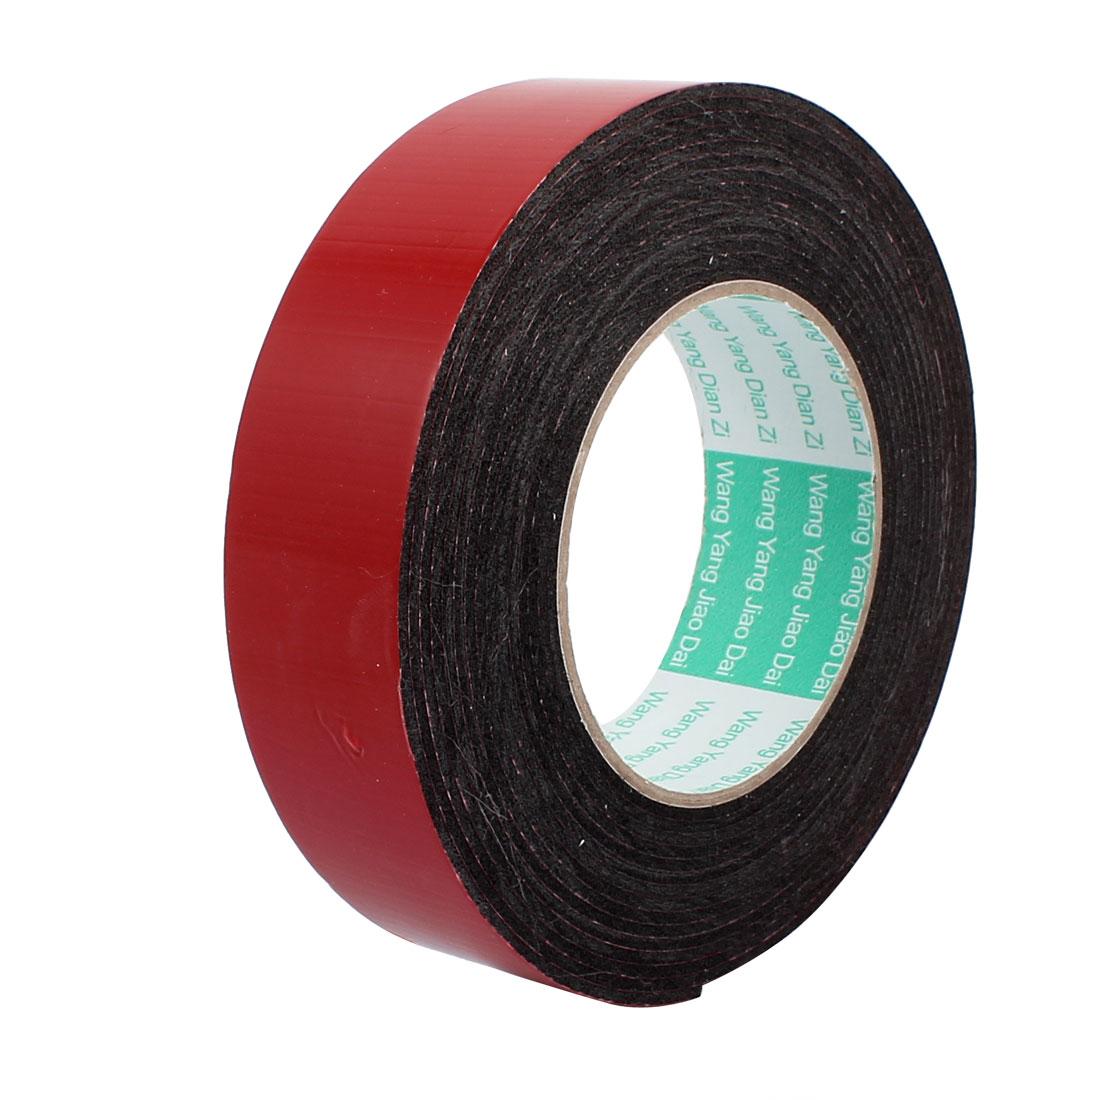 Door Seal 35x2mm Dual-side Adhesive Shockproof Sponge Foam Tape 5M Length